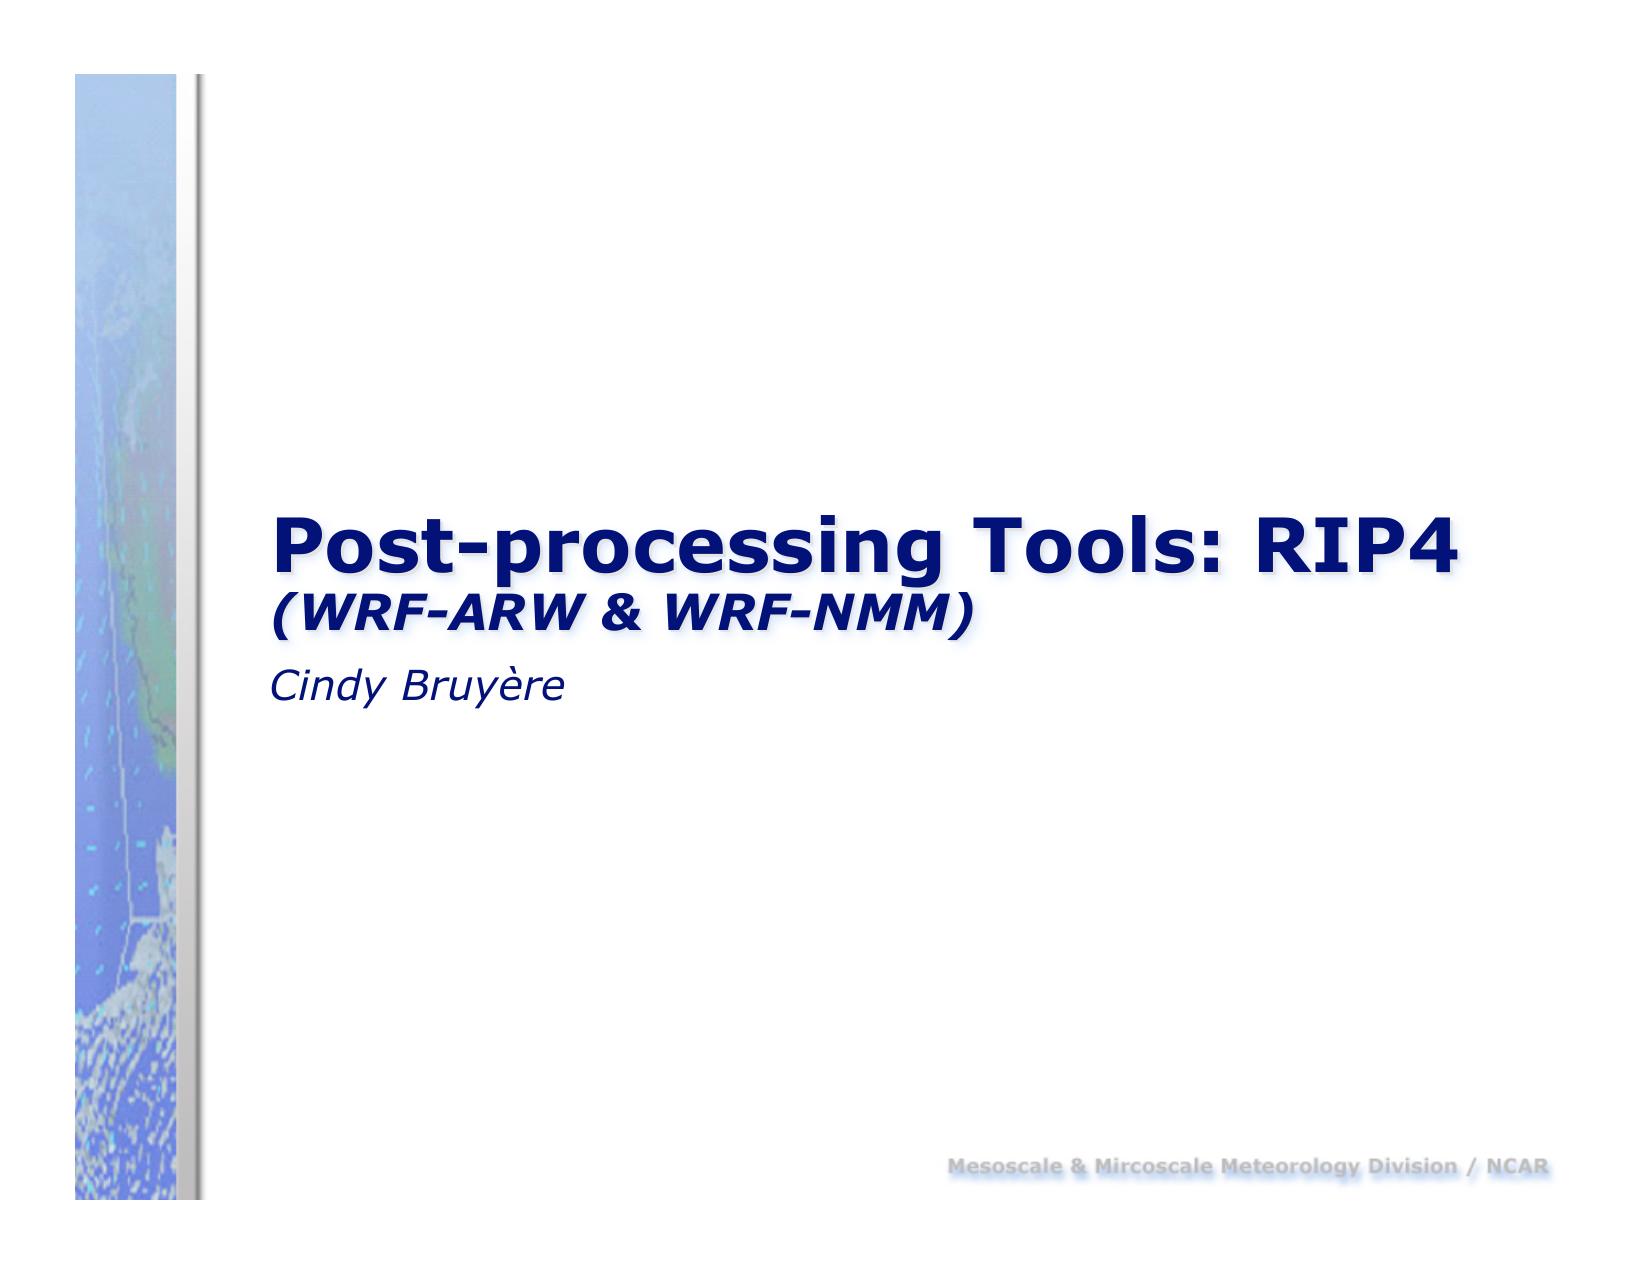 Post-processing Tools: RIP4 | manualzz com